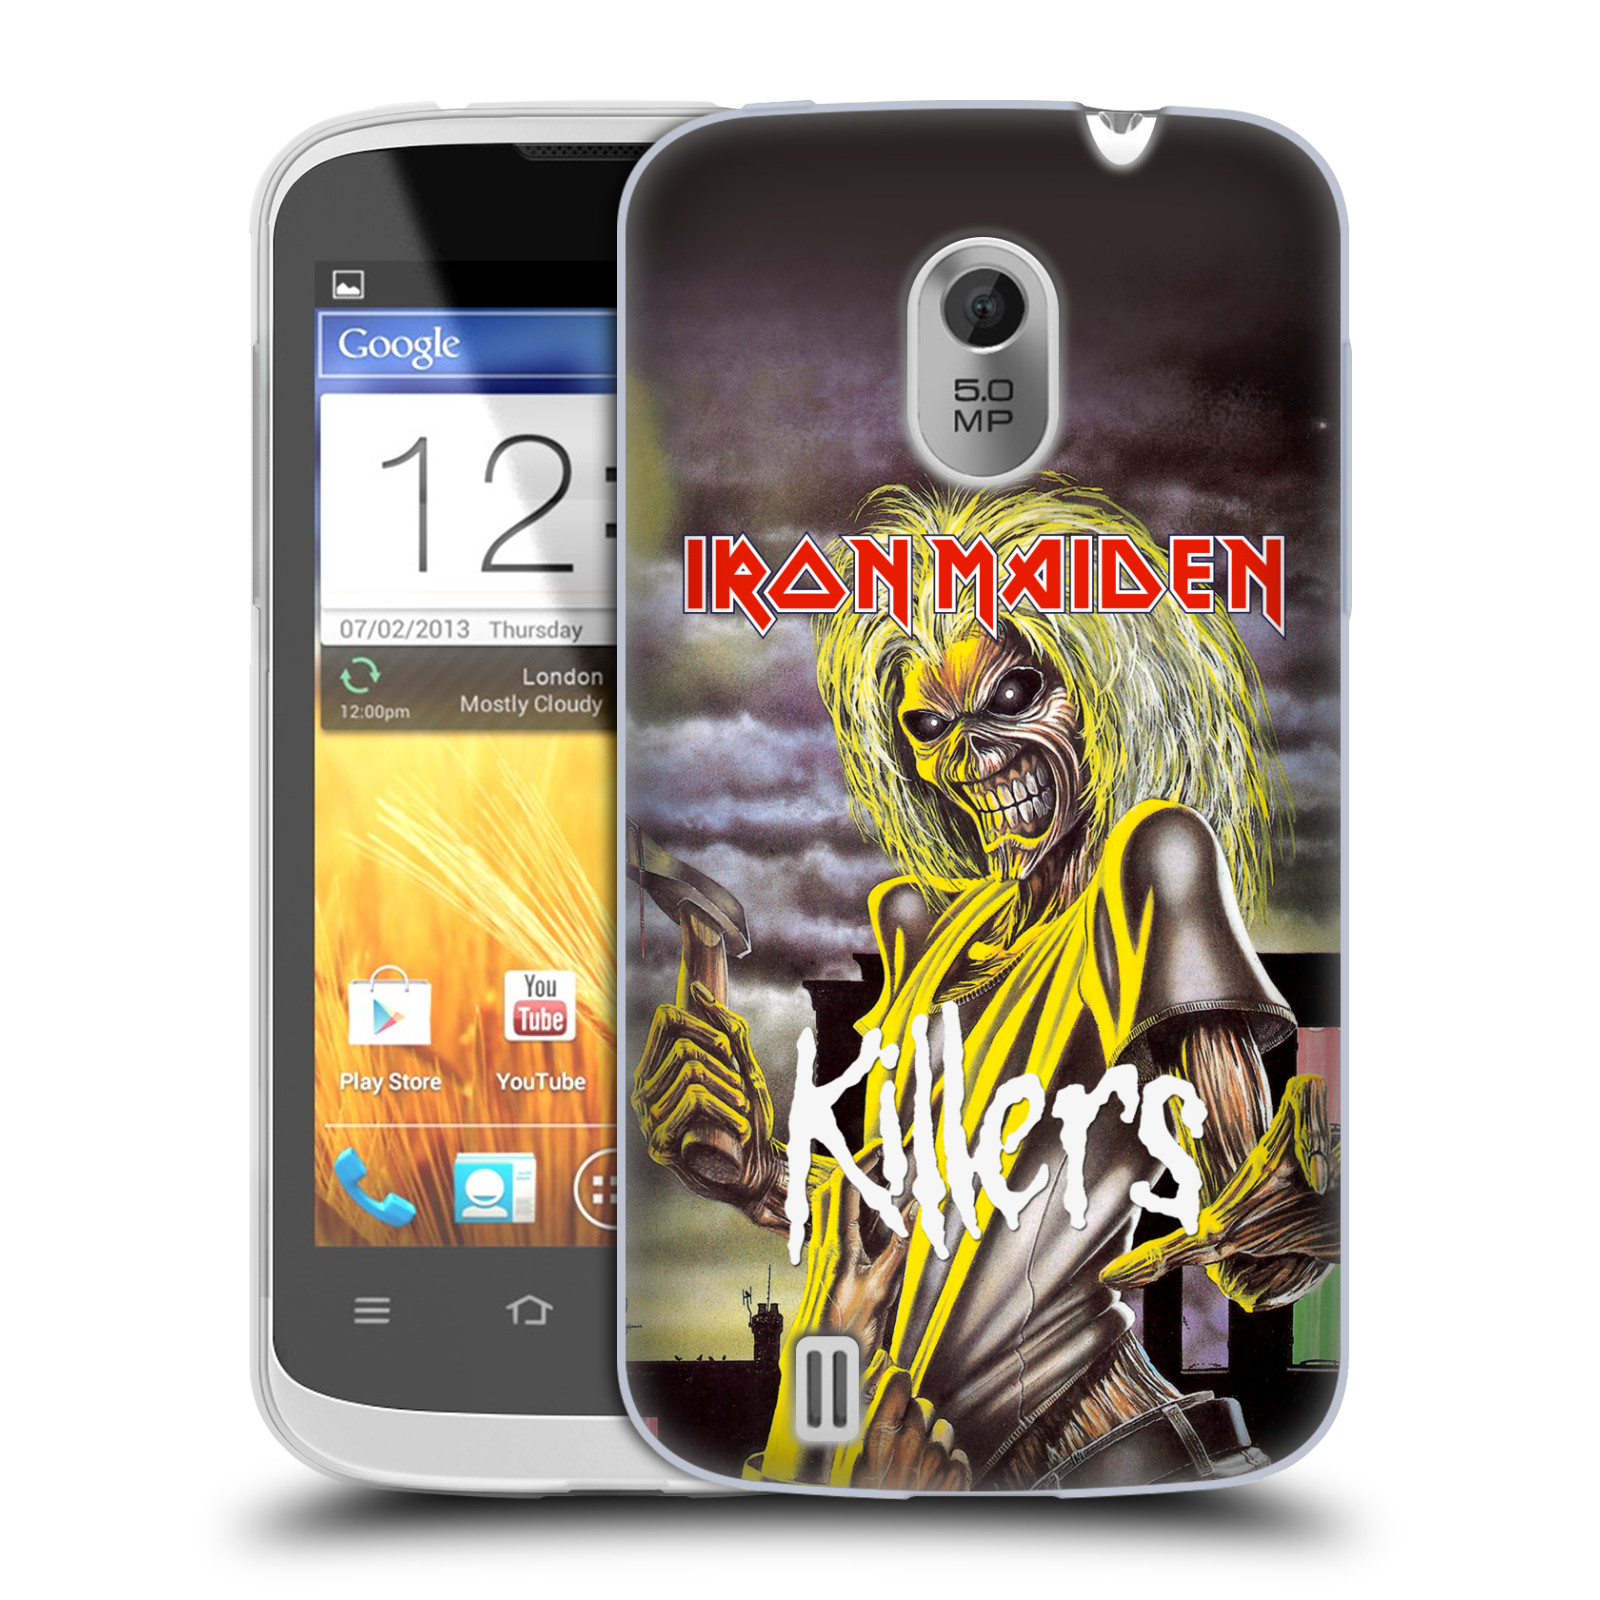 Silikonové pouzdro na mobil ZTE Blade III HEAD CASE - Iron Maiden - Killers (Silikonový kryt či obal na mobilní telefon s licencovaným motivem Iron Maiden ZTE Blade 3)